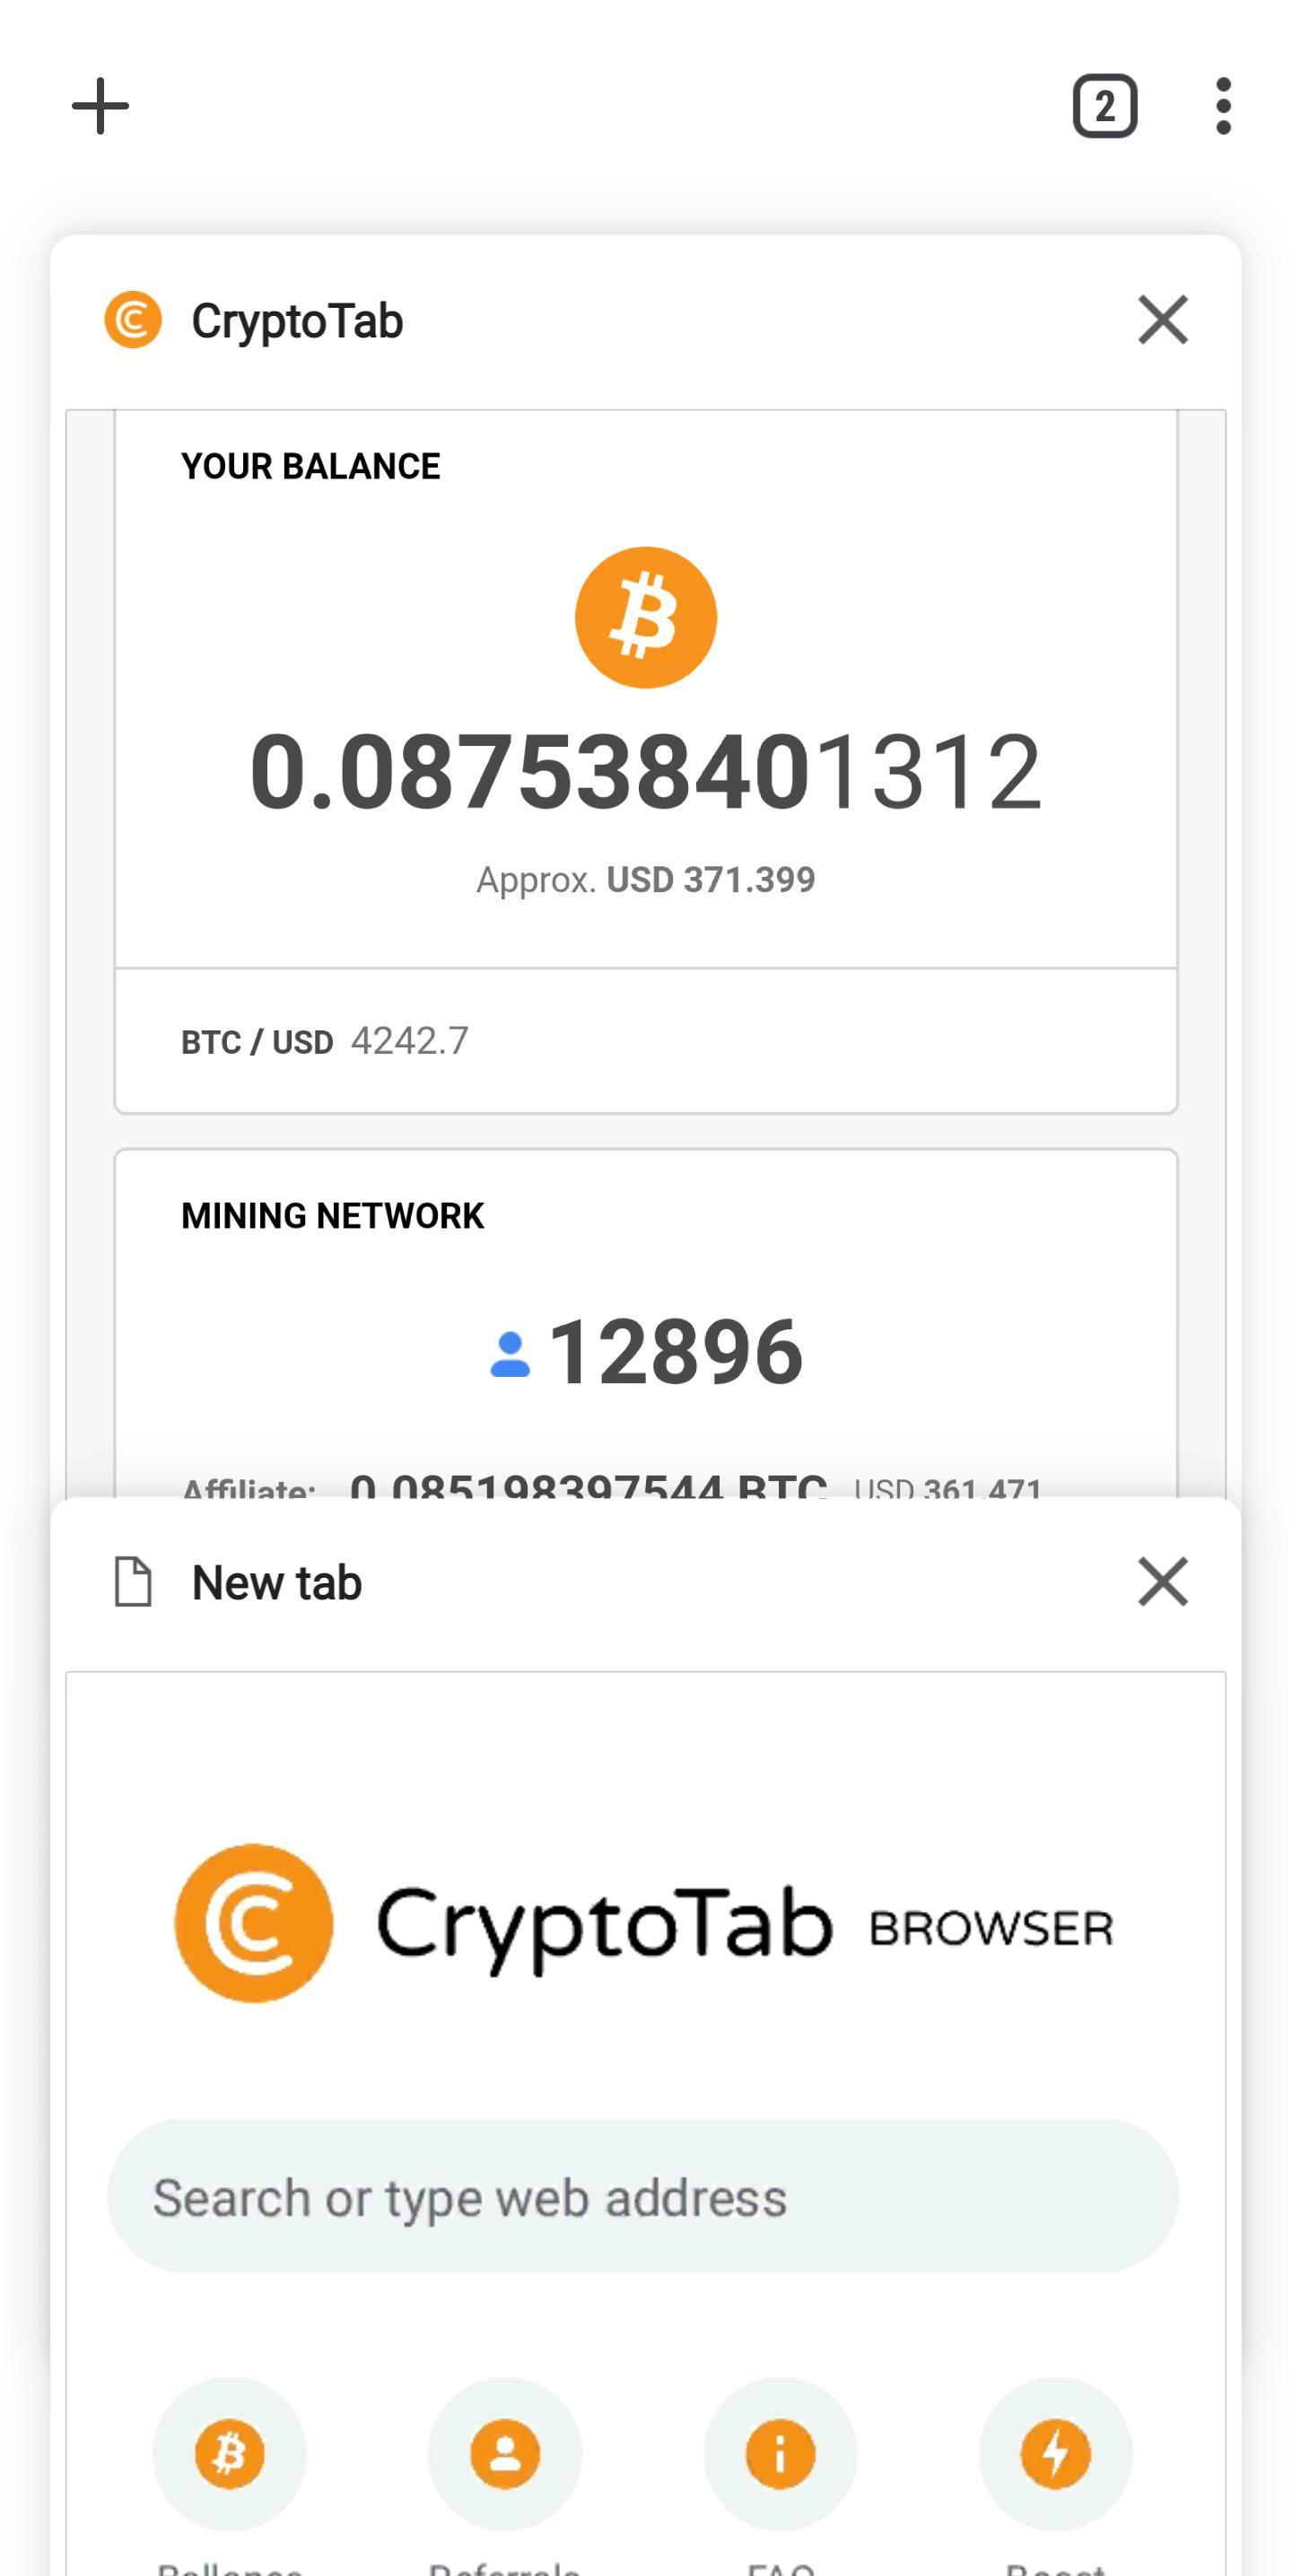 cryptotab android apk